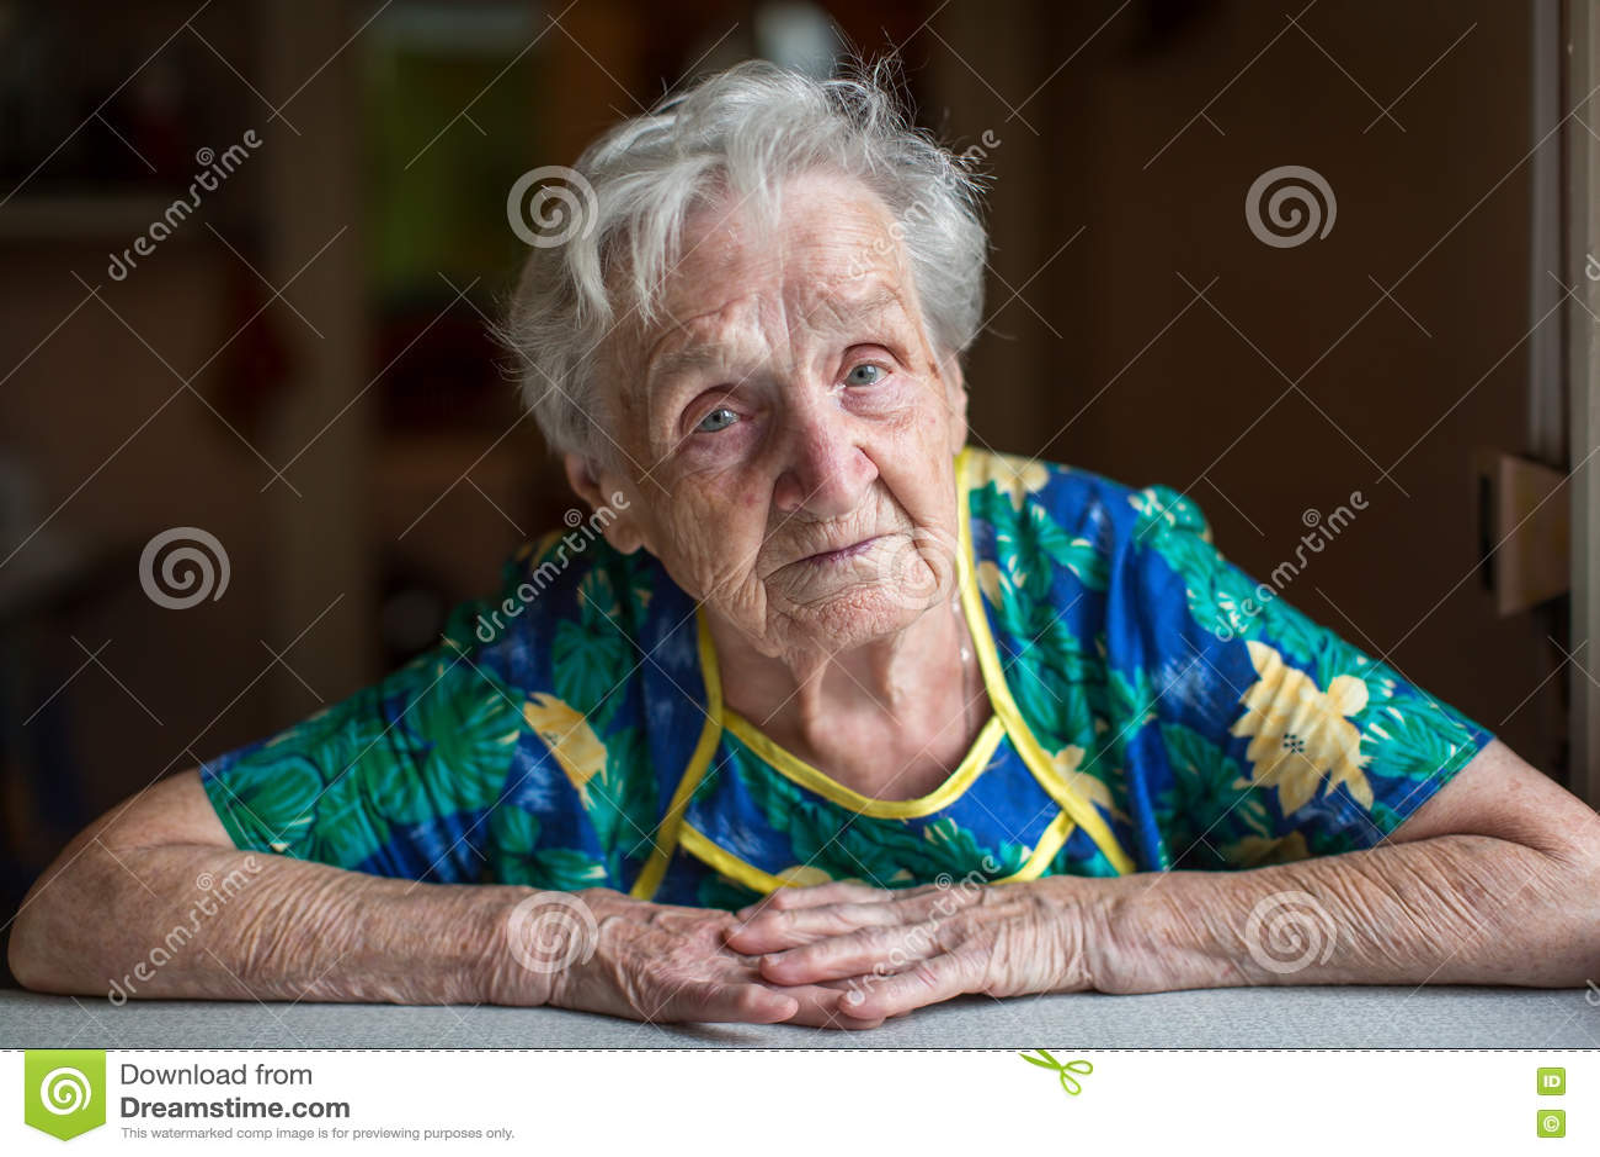 Portret van een bejaarde grandma